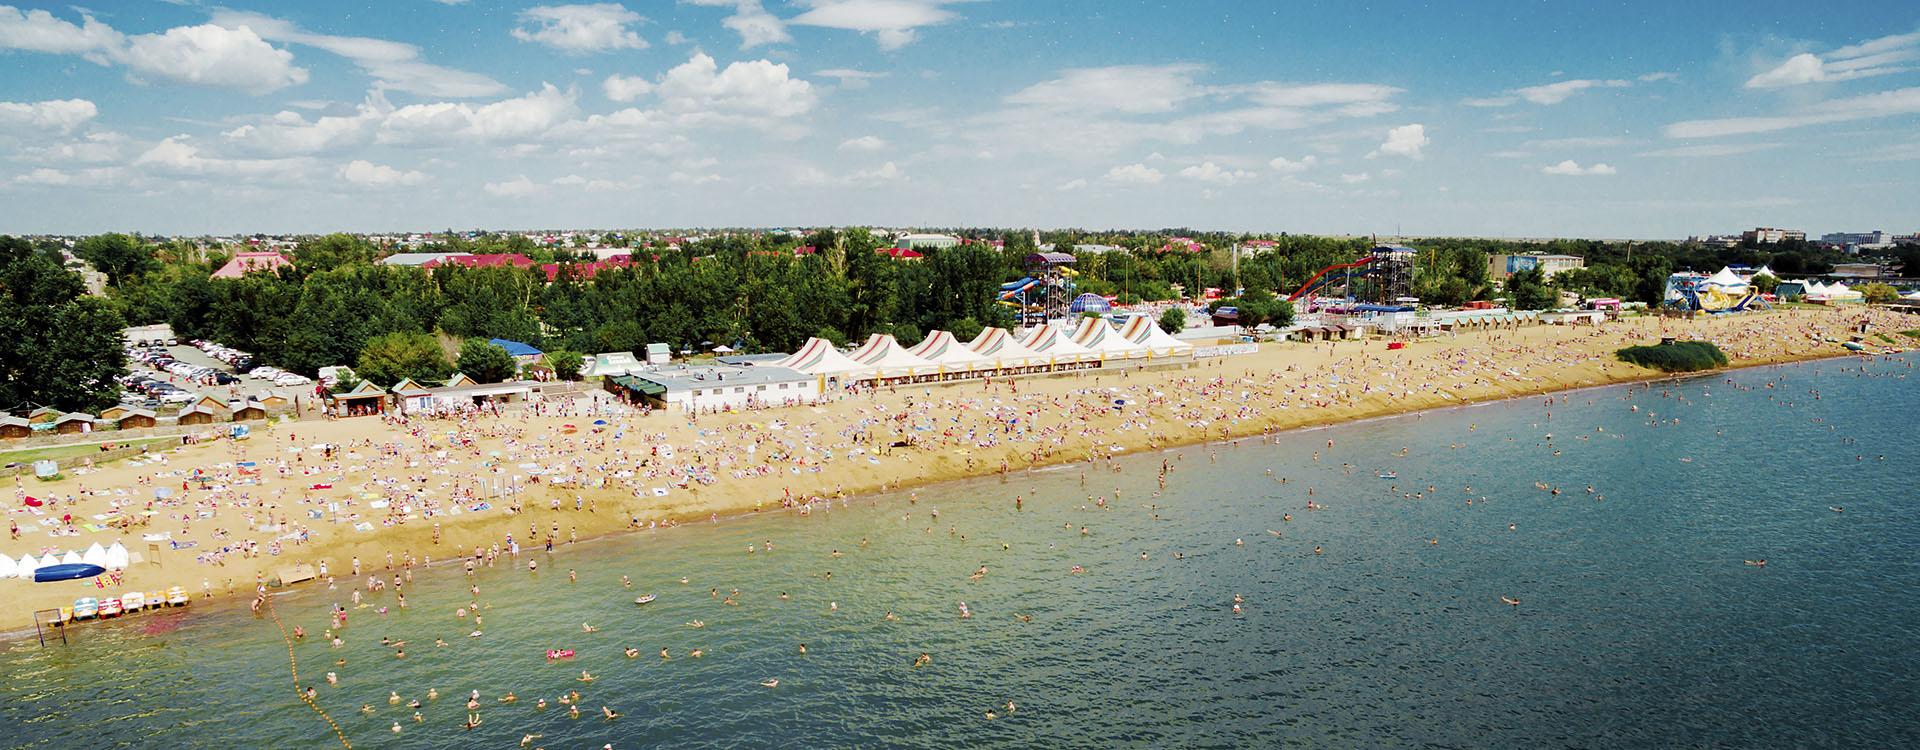 озеро яровое алтайский край фото отзывы коренная москвичка